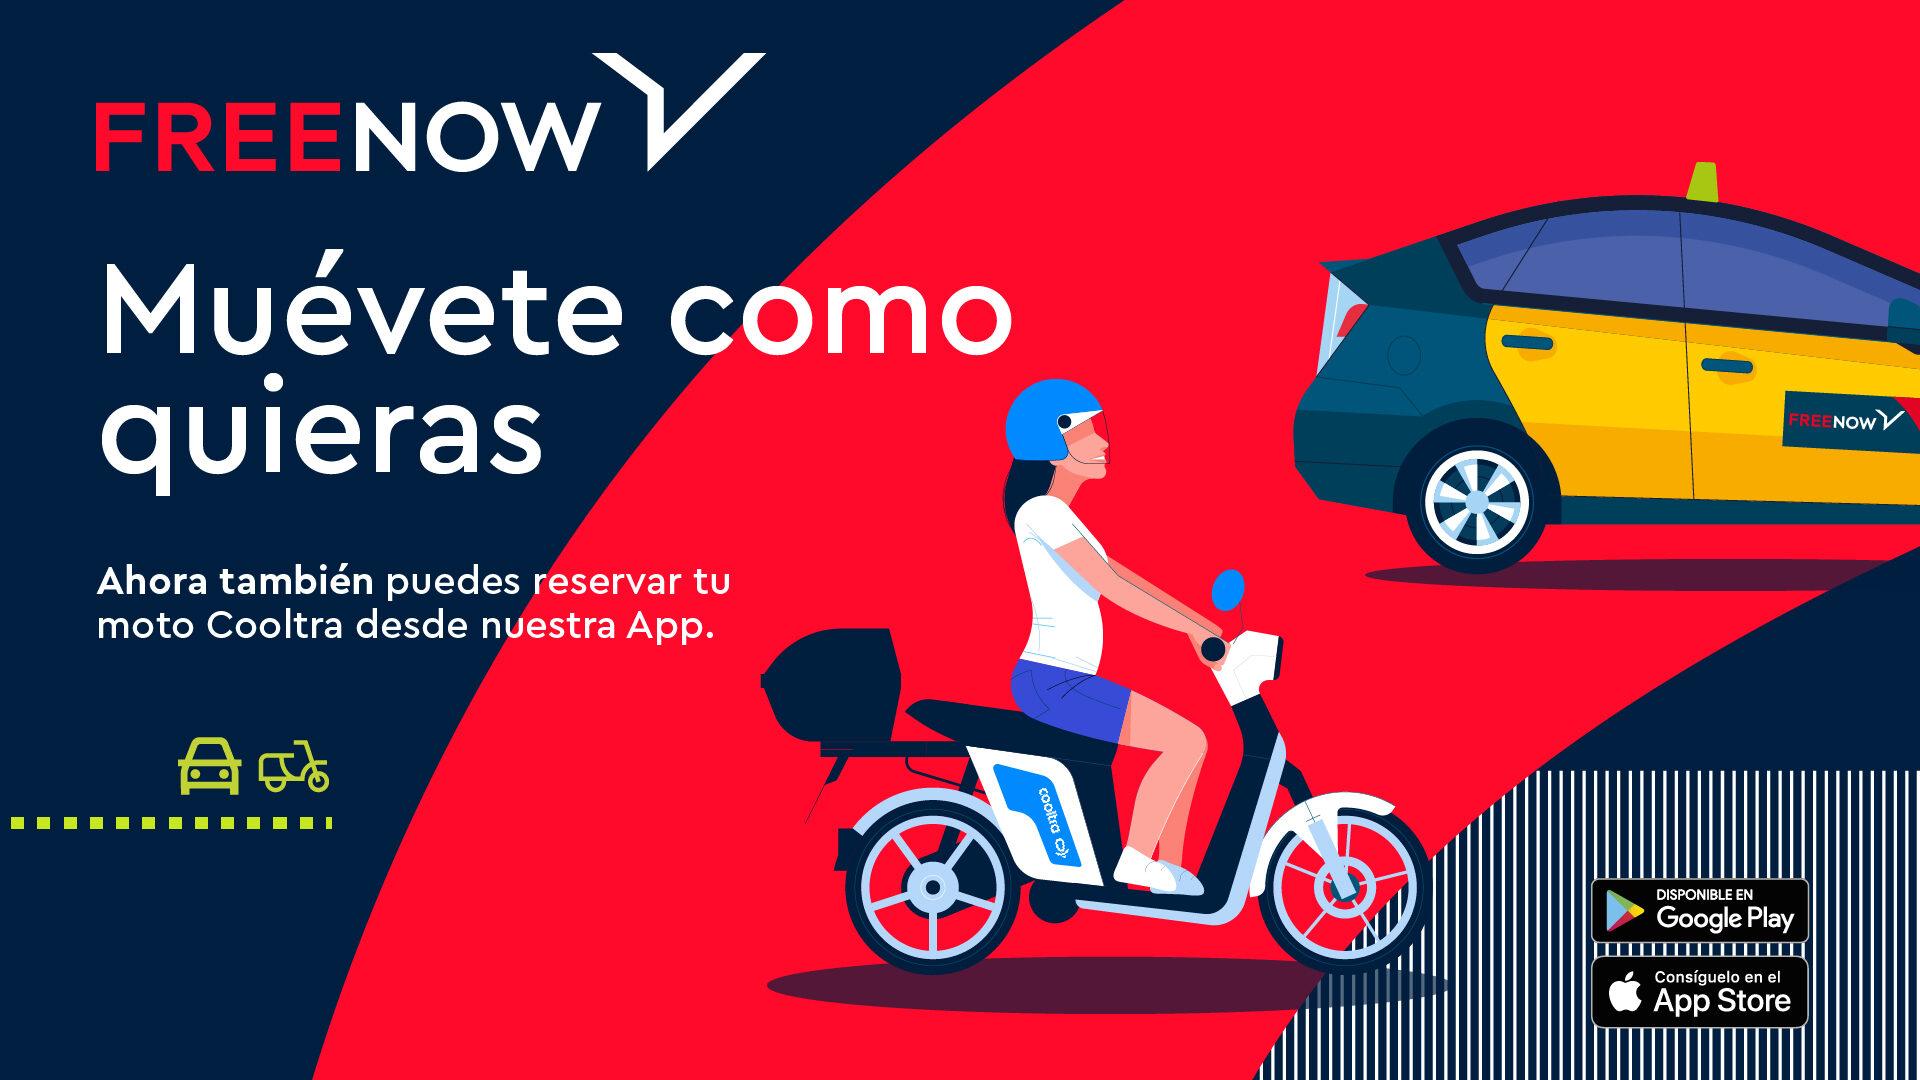 Free Now alquiler de motos Cooltra